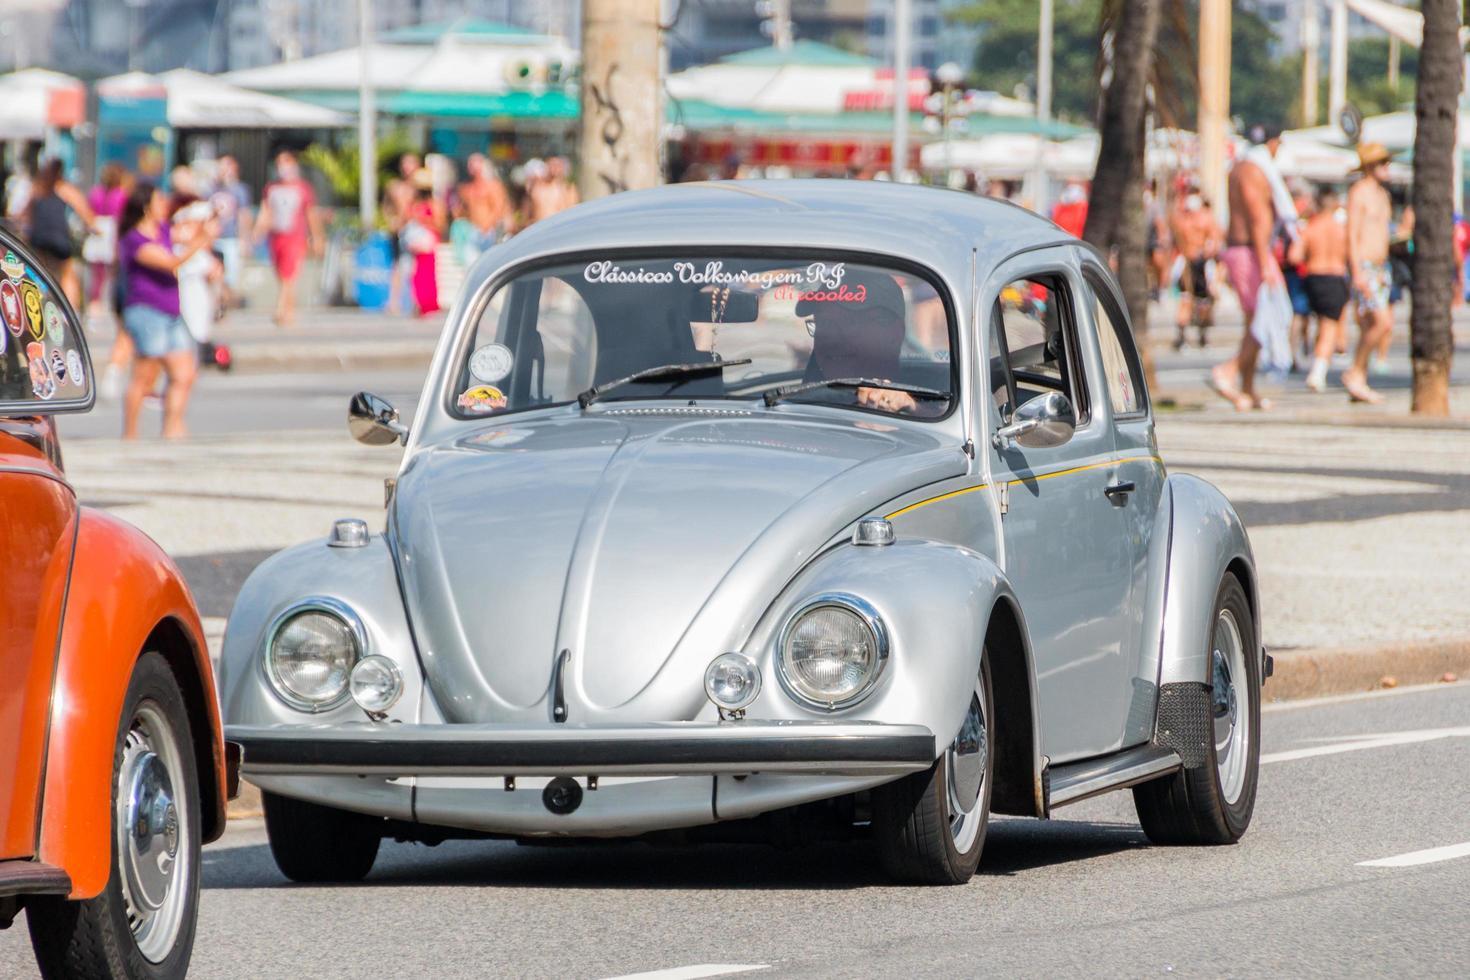 rio de janeiro, brasile, 2015 - auto scarabeo sulla spiaggia di copacabana foto